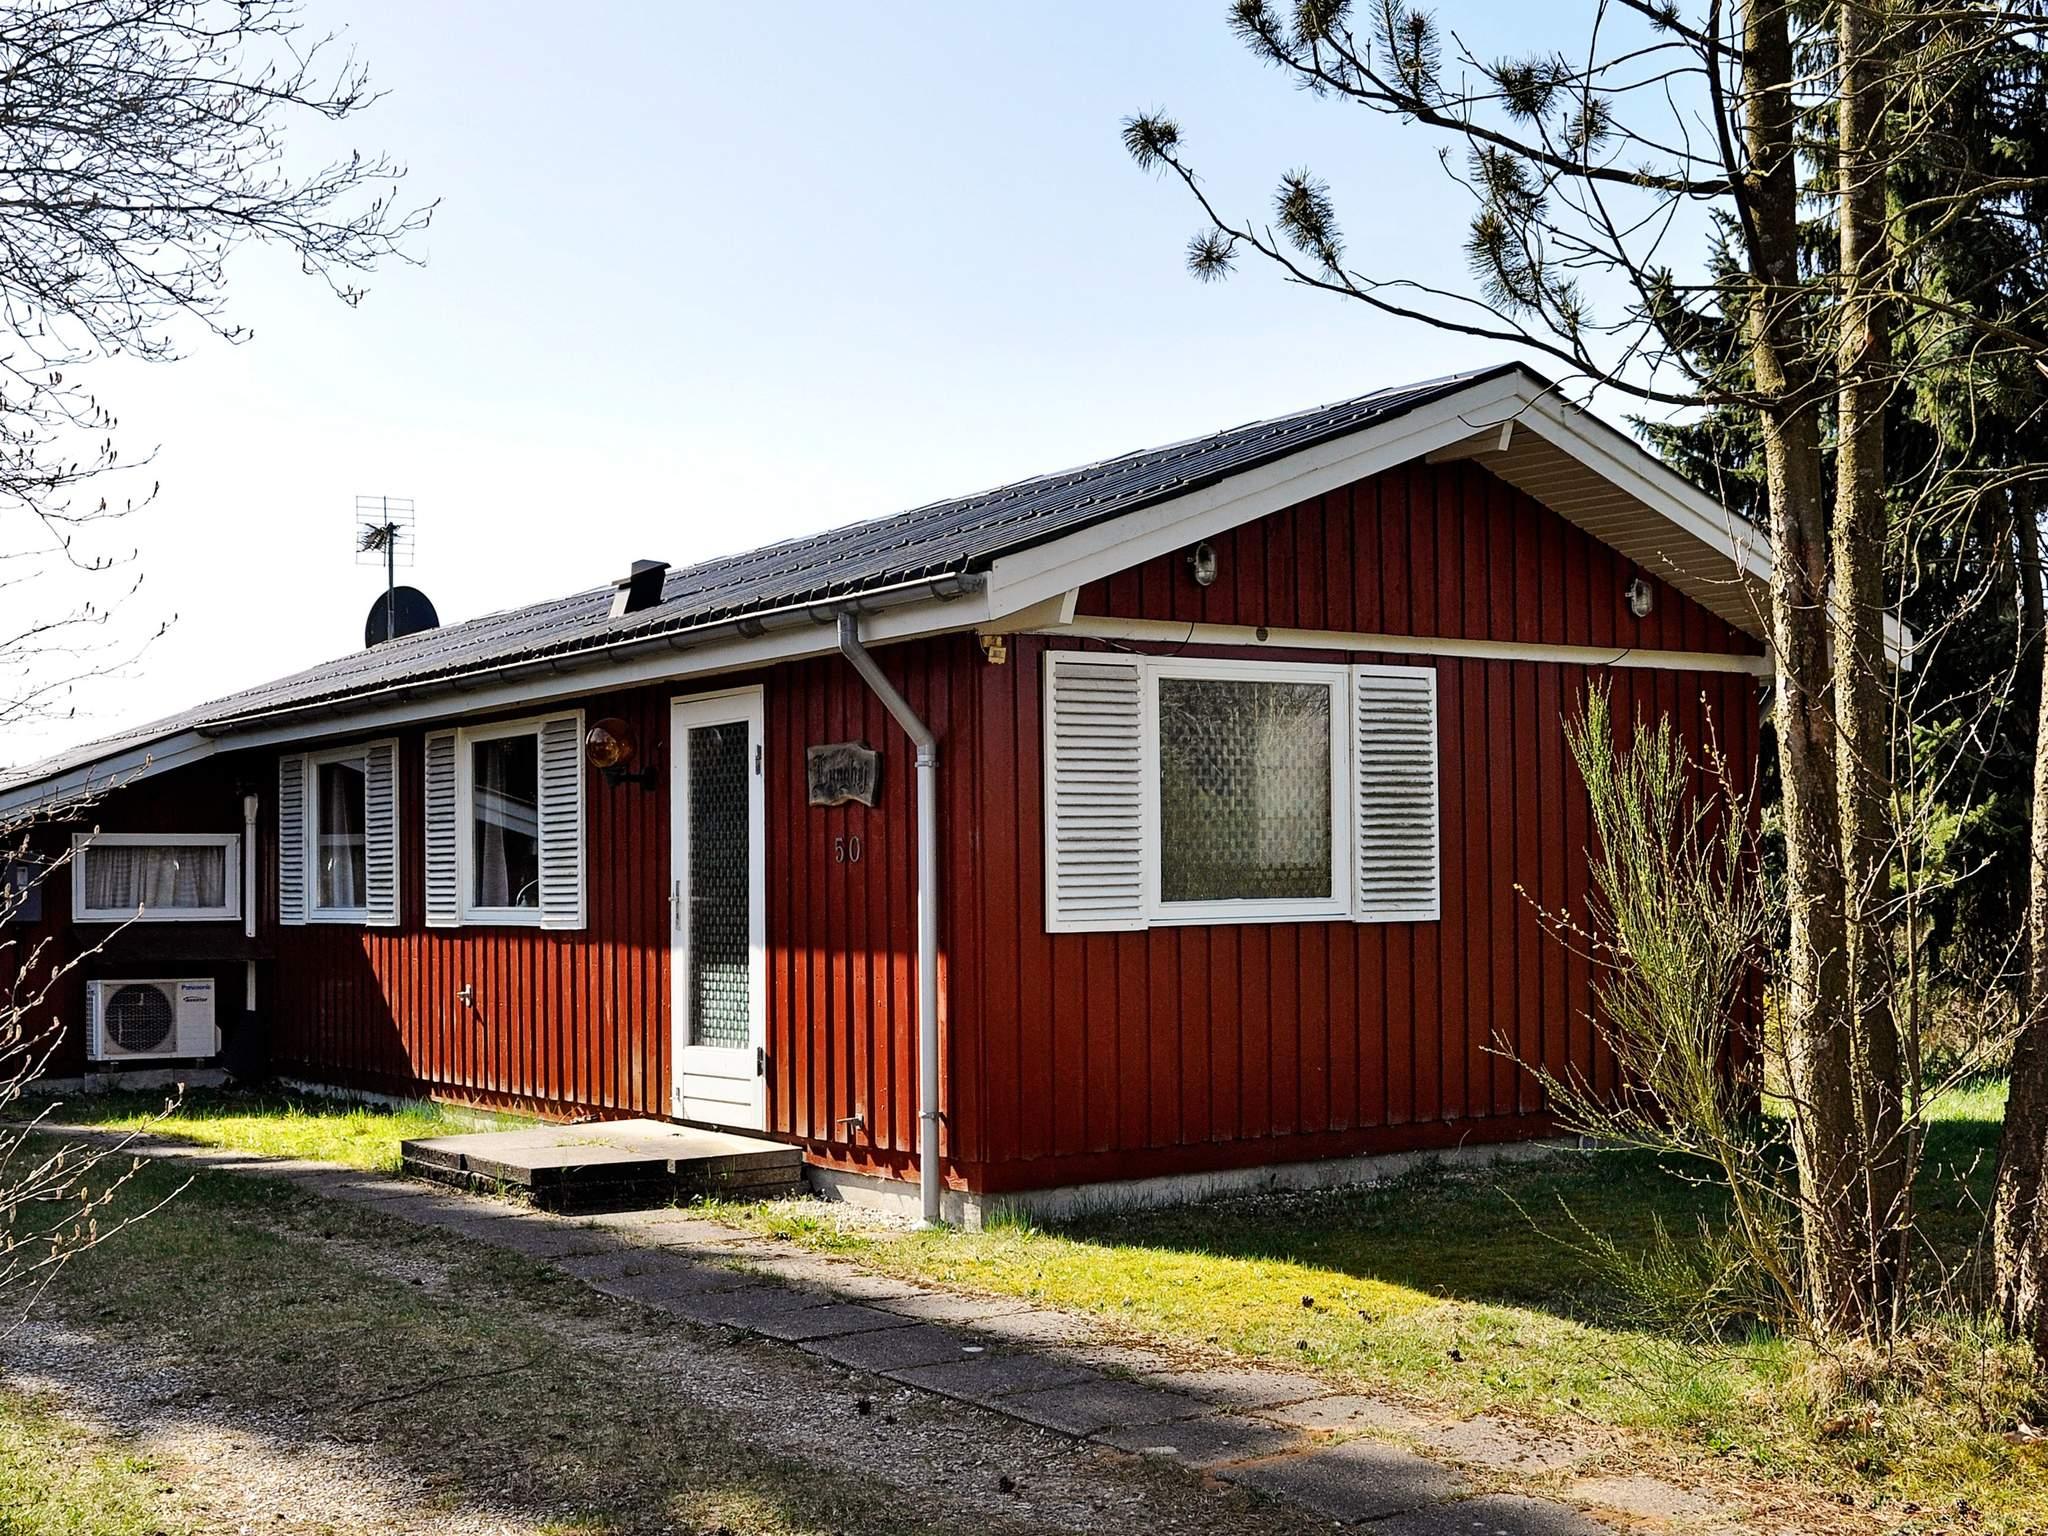 Ferienhaus Silkeborg (1601253), Silkeborg, , Ostjütland, Dänemark, Bild 1